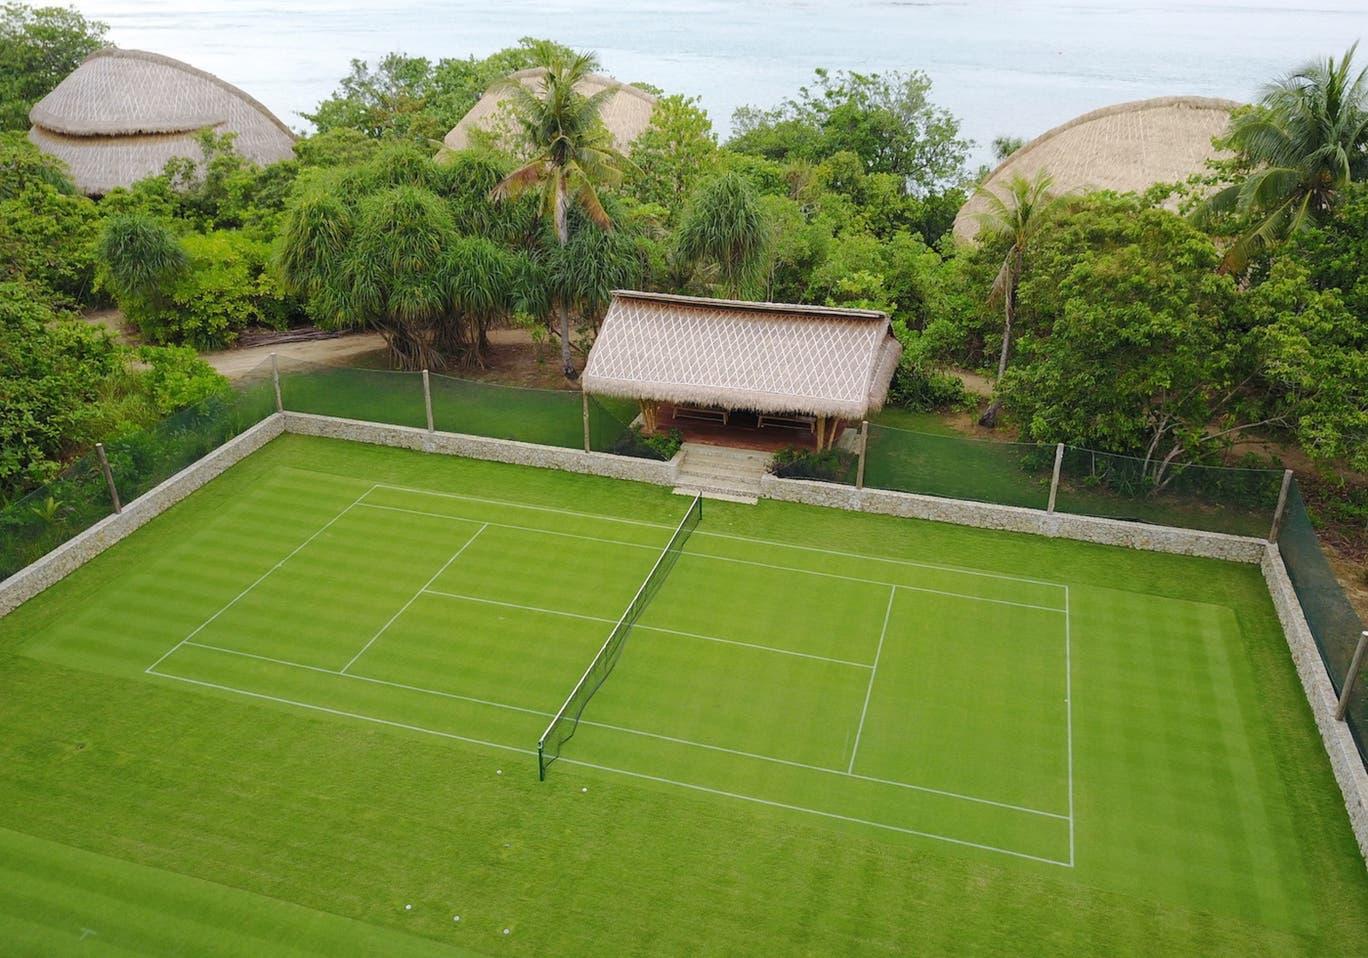 grass tennis court at cempedak